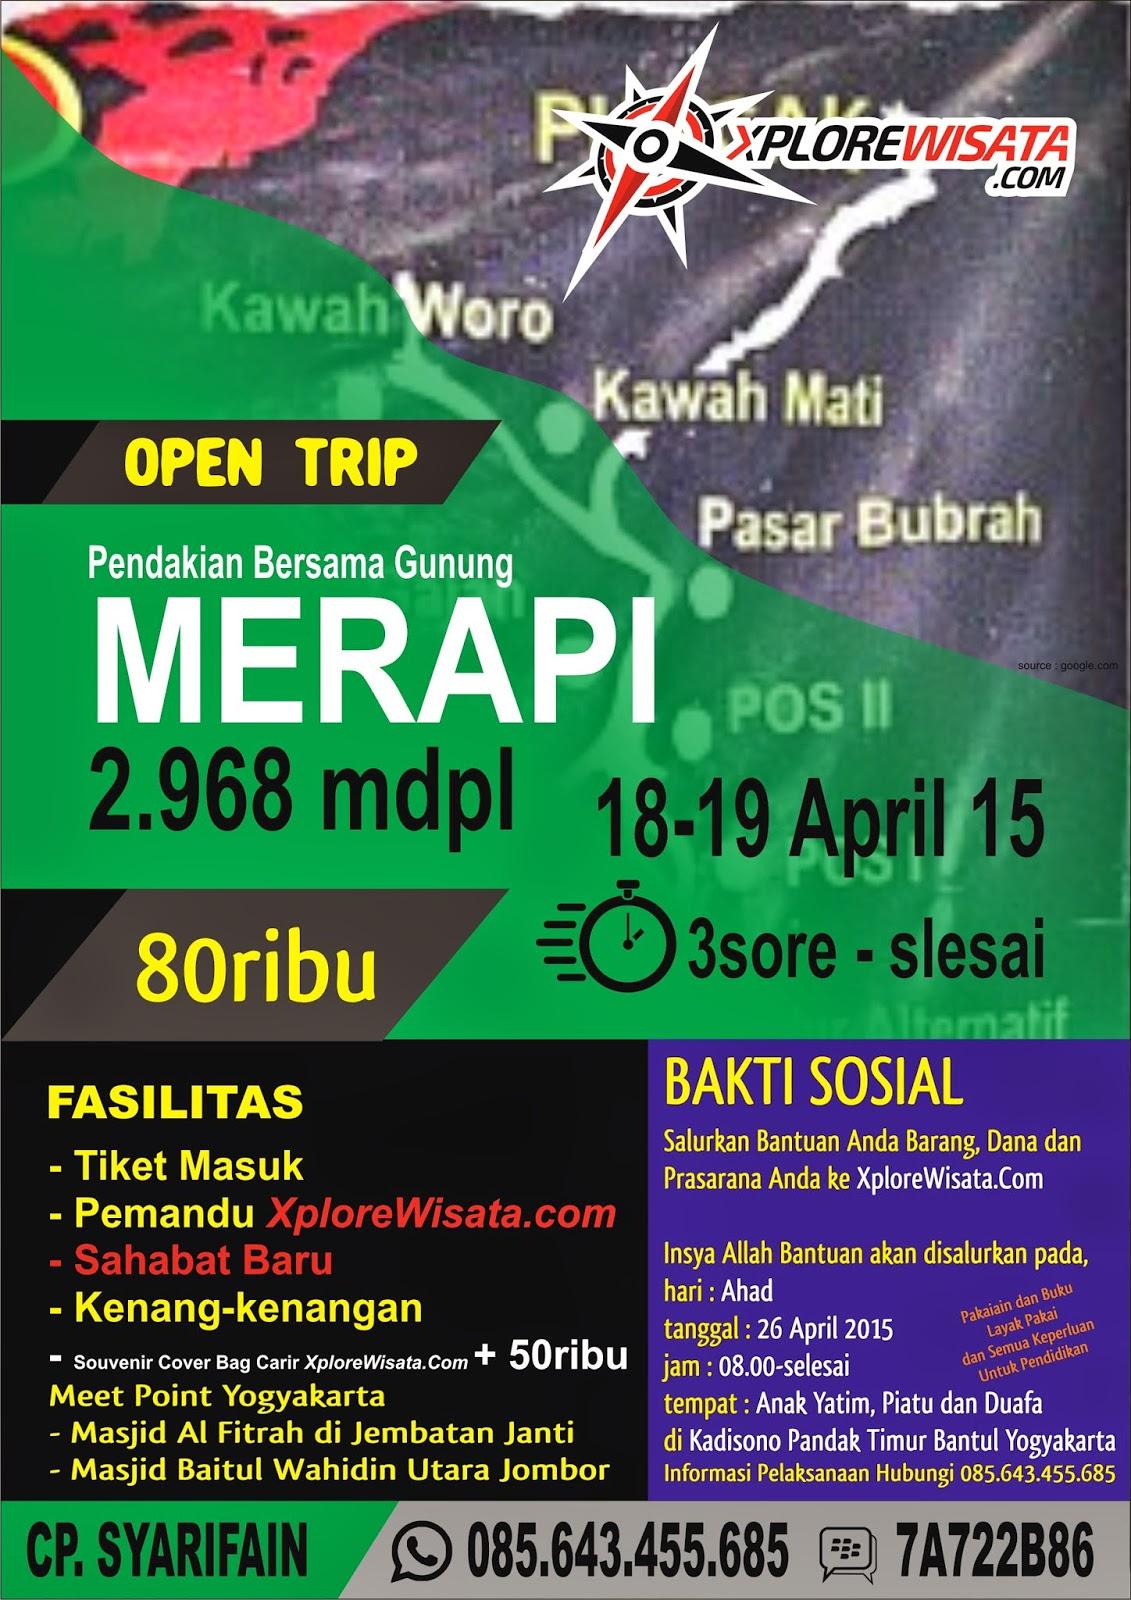 Open Trip Pendakian Gunung Merapi Ssbs Community Sahabat Dunia